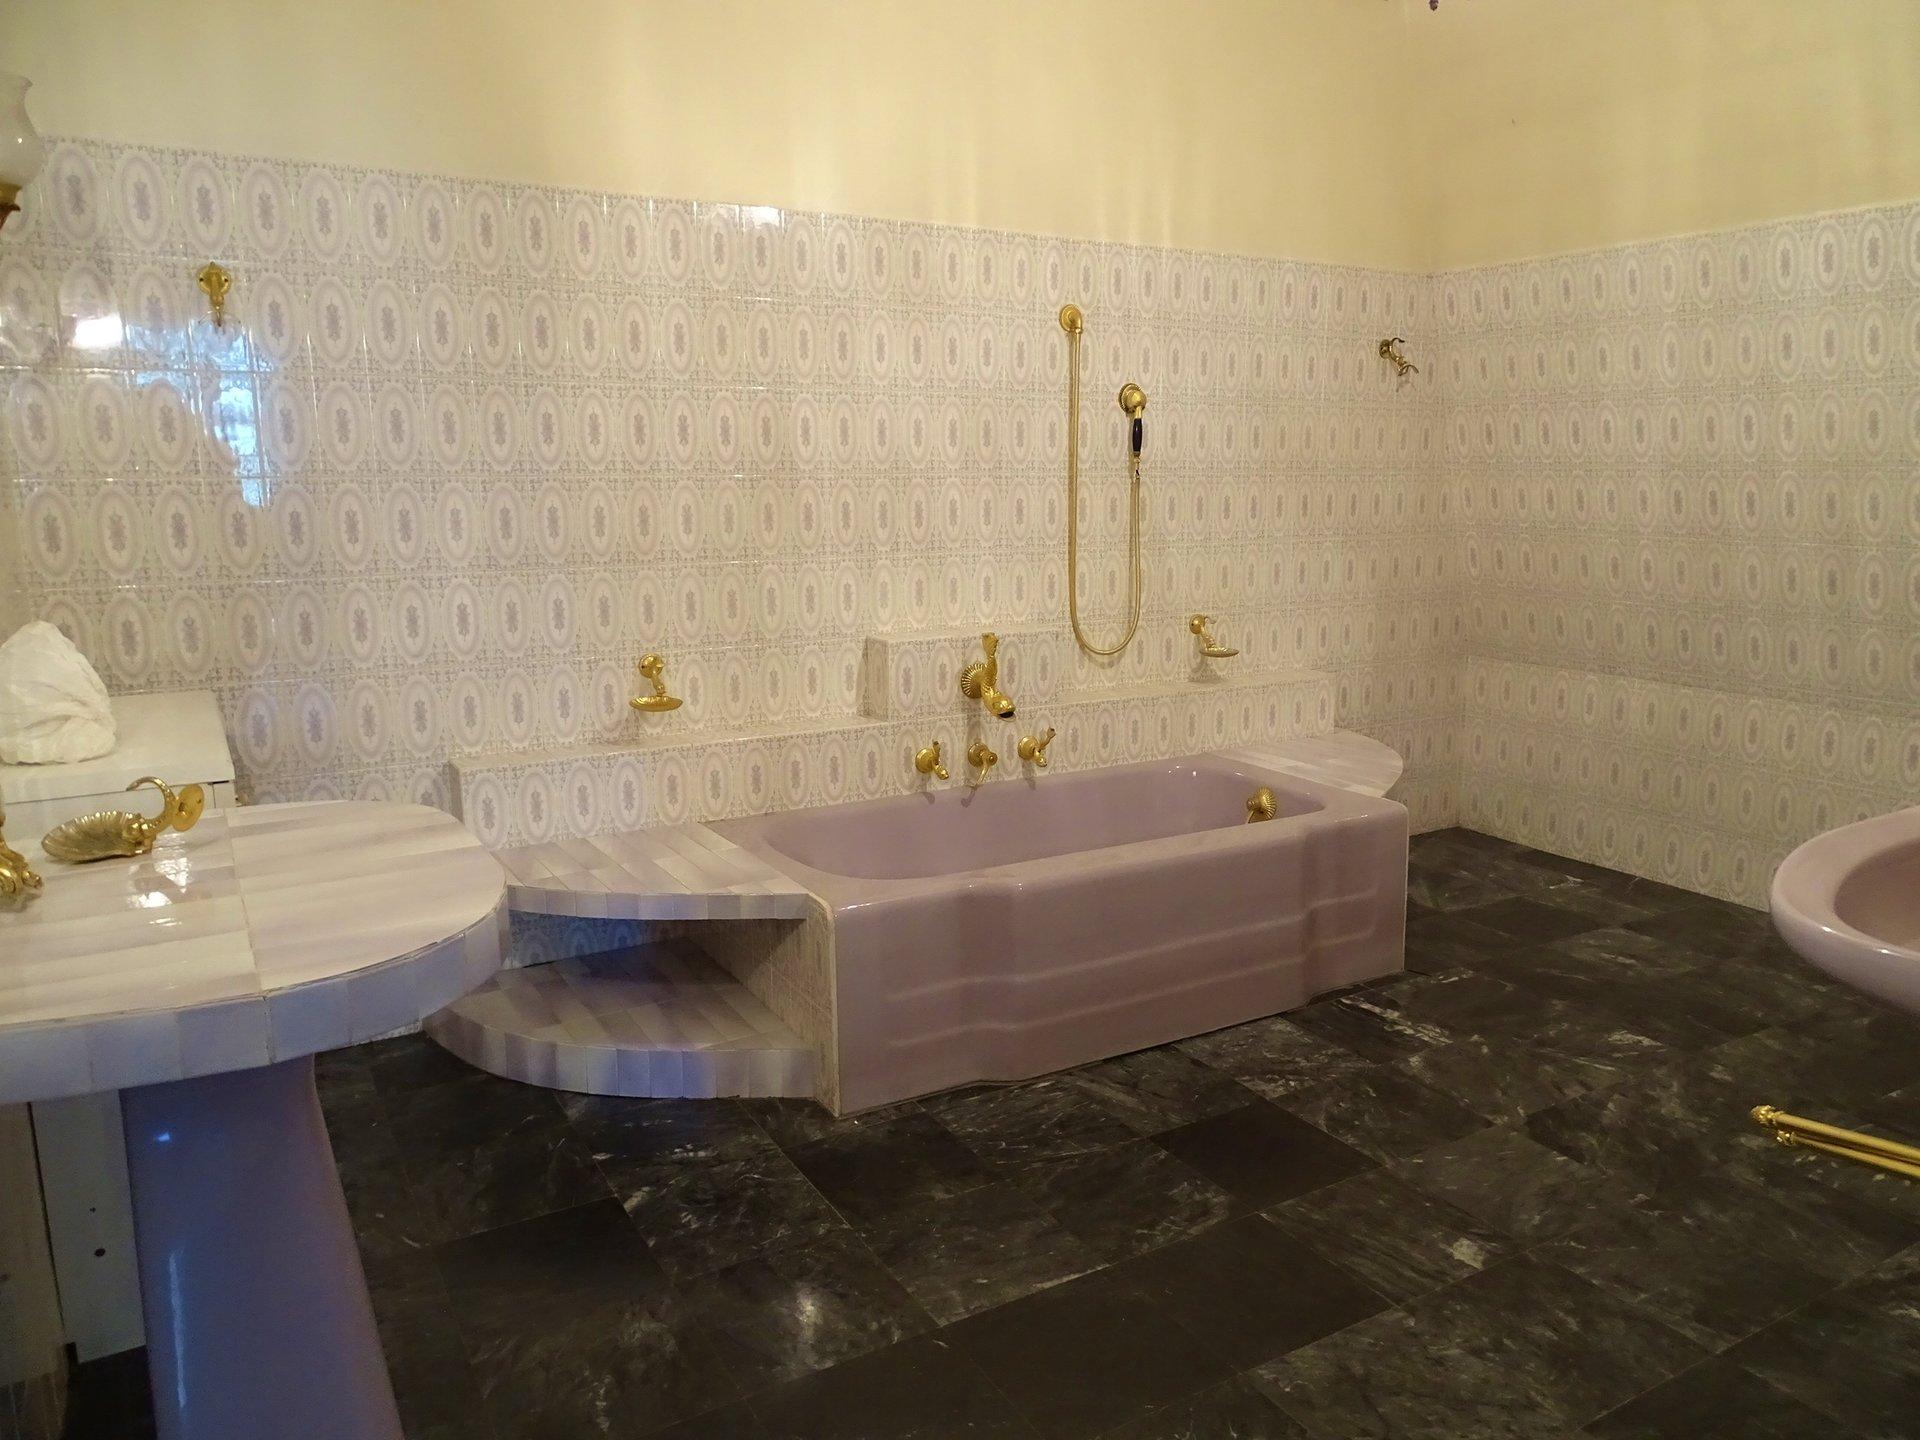 Située au calme, cette maison offre un réel cachet et un cadre de vie agréable sur un terrain de 1500 m² environ. D'une surface habitable de 172 m² elle offre de plain-pied un hall d'entrée desservant la cuisine, un salon, une salle à manger puis plusieurs volumes pouvant servir de chambre, de bureau ou même de salle de jeu. A l'étage, vous découvrirez une immense chambre avec son dressing et sa salle de bains de près de 12 m². A ce niveau, le dégagement dessert aussi 4 chambres supplémentaires de belles surfaces ainsi qu'une salle de bains. Sous sol complet avec atelier, chaufferie, cave, garage... Cette maison offre un réel potentiel qui ne demande qu'à s'exprimer et mérite réellement d'être visitée. Honoraires à la charge du vendeur.